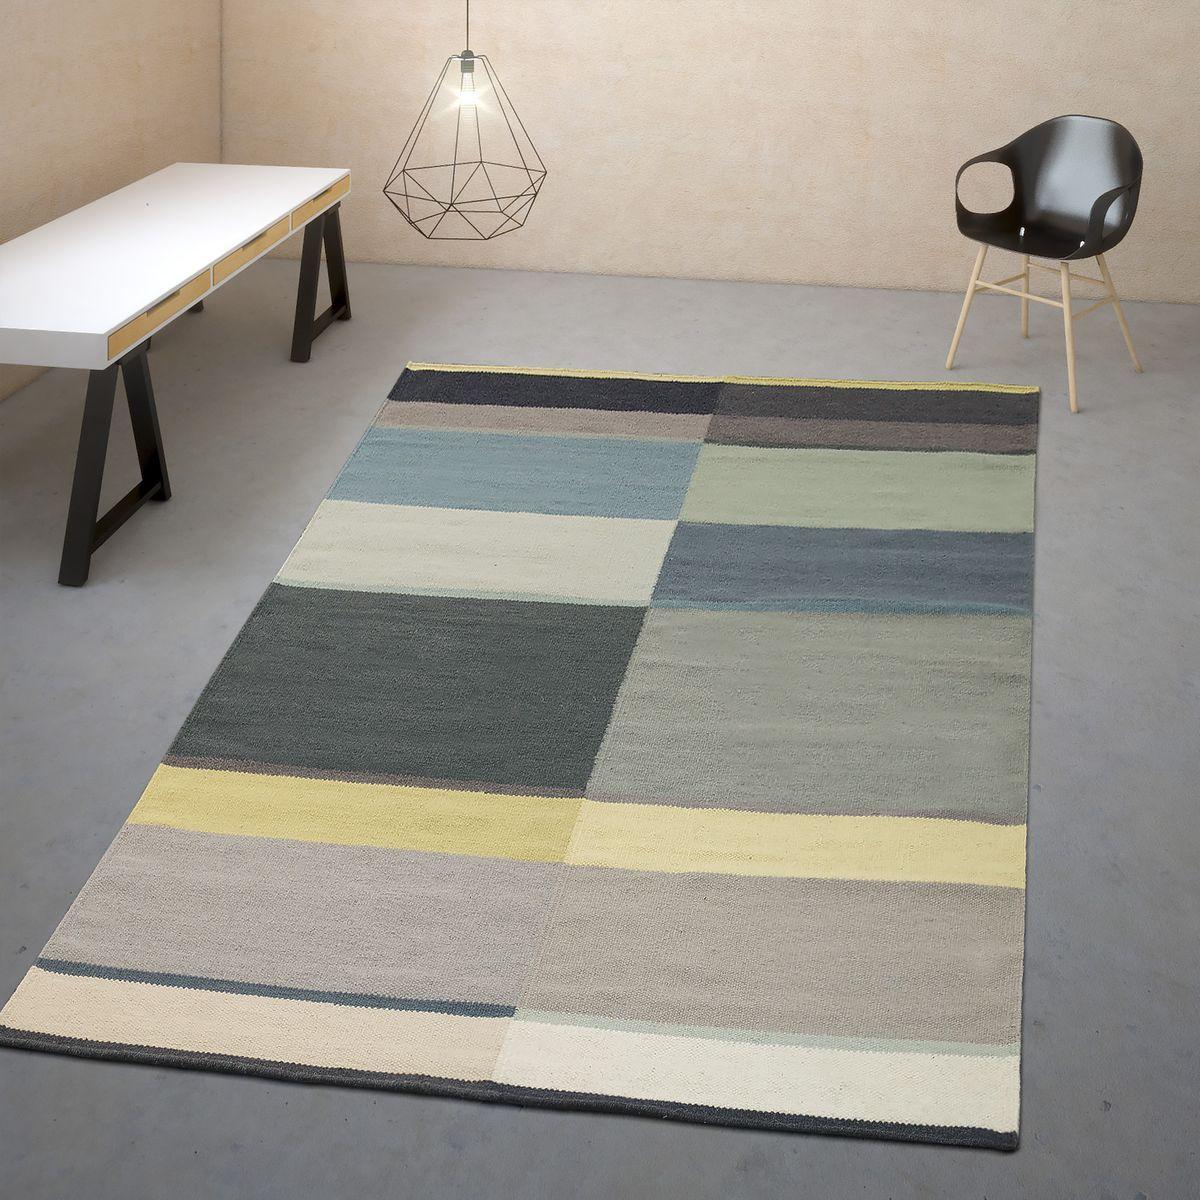 Moderner Teppich Skandinavisch Farbverläufe Multicolor Sisal Look Teppiche Nach Stil Teppiche Teppichmax Teppich Skandinavisch Moderne Teppiche Teppich